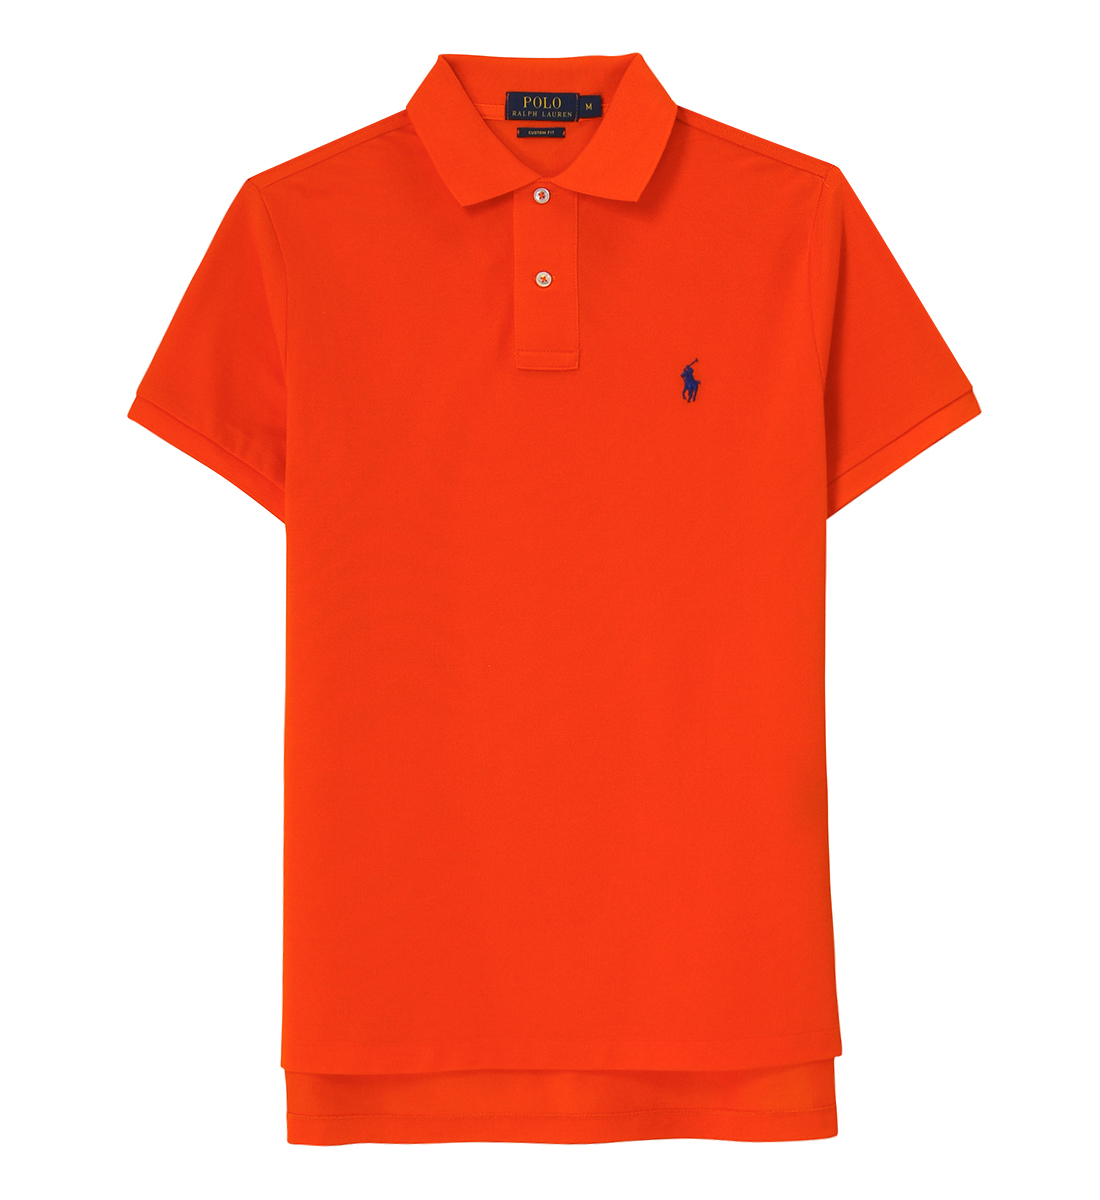 31b9b2d65613 polo ralph lauren pas cher taille s homme,magasin ralph lauren pas cher new  york ... Polo Ralph Lauren T-shirt uni logotypé custom fit Bleu turquoise  Homme ...